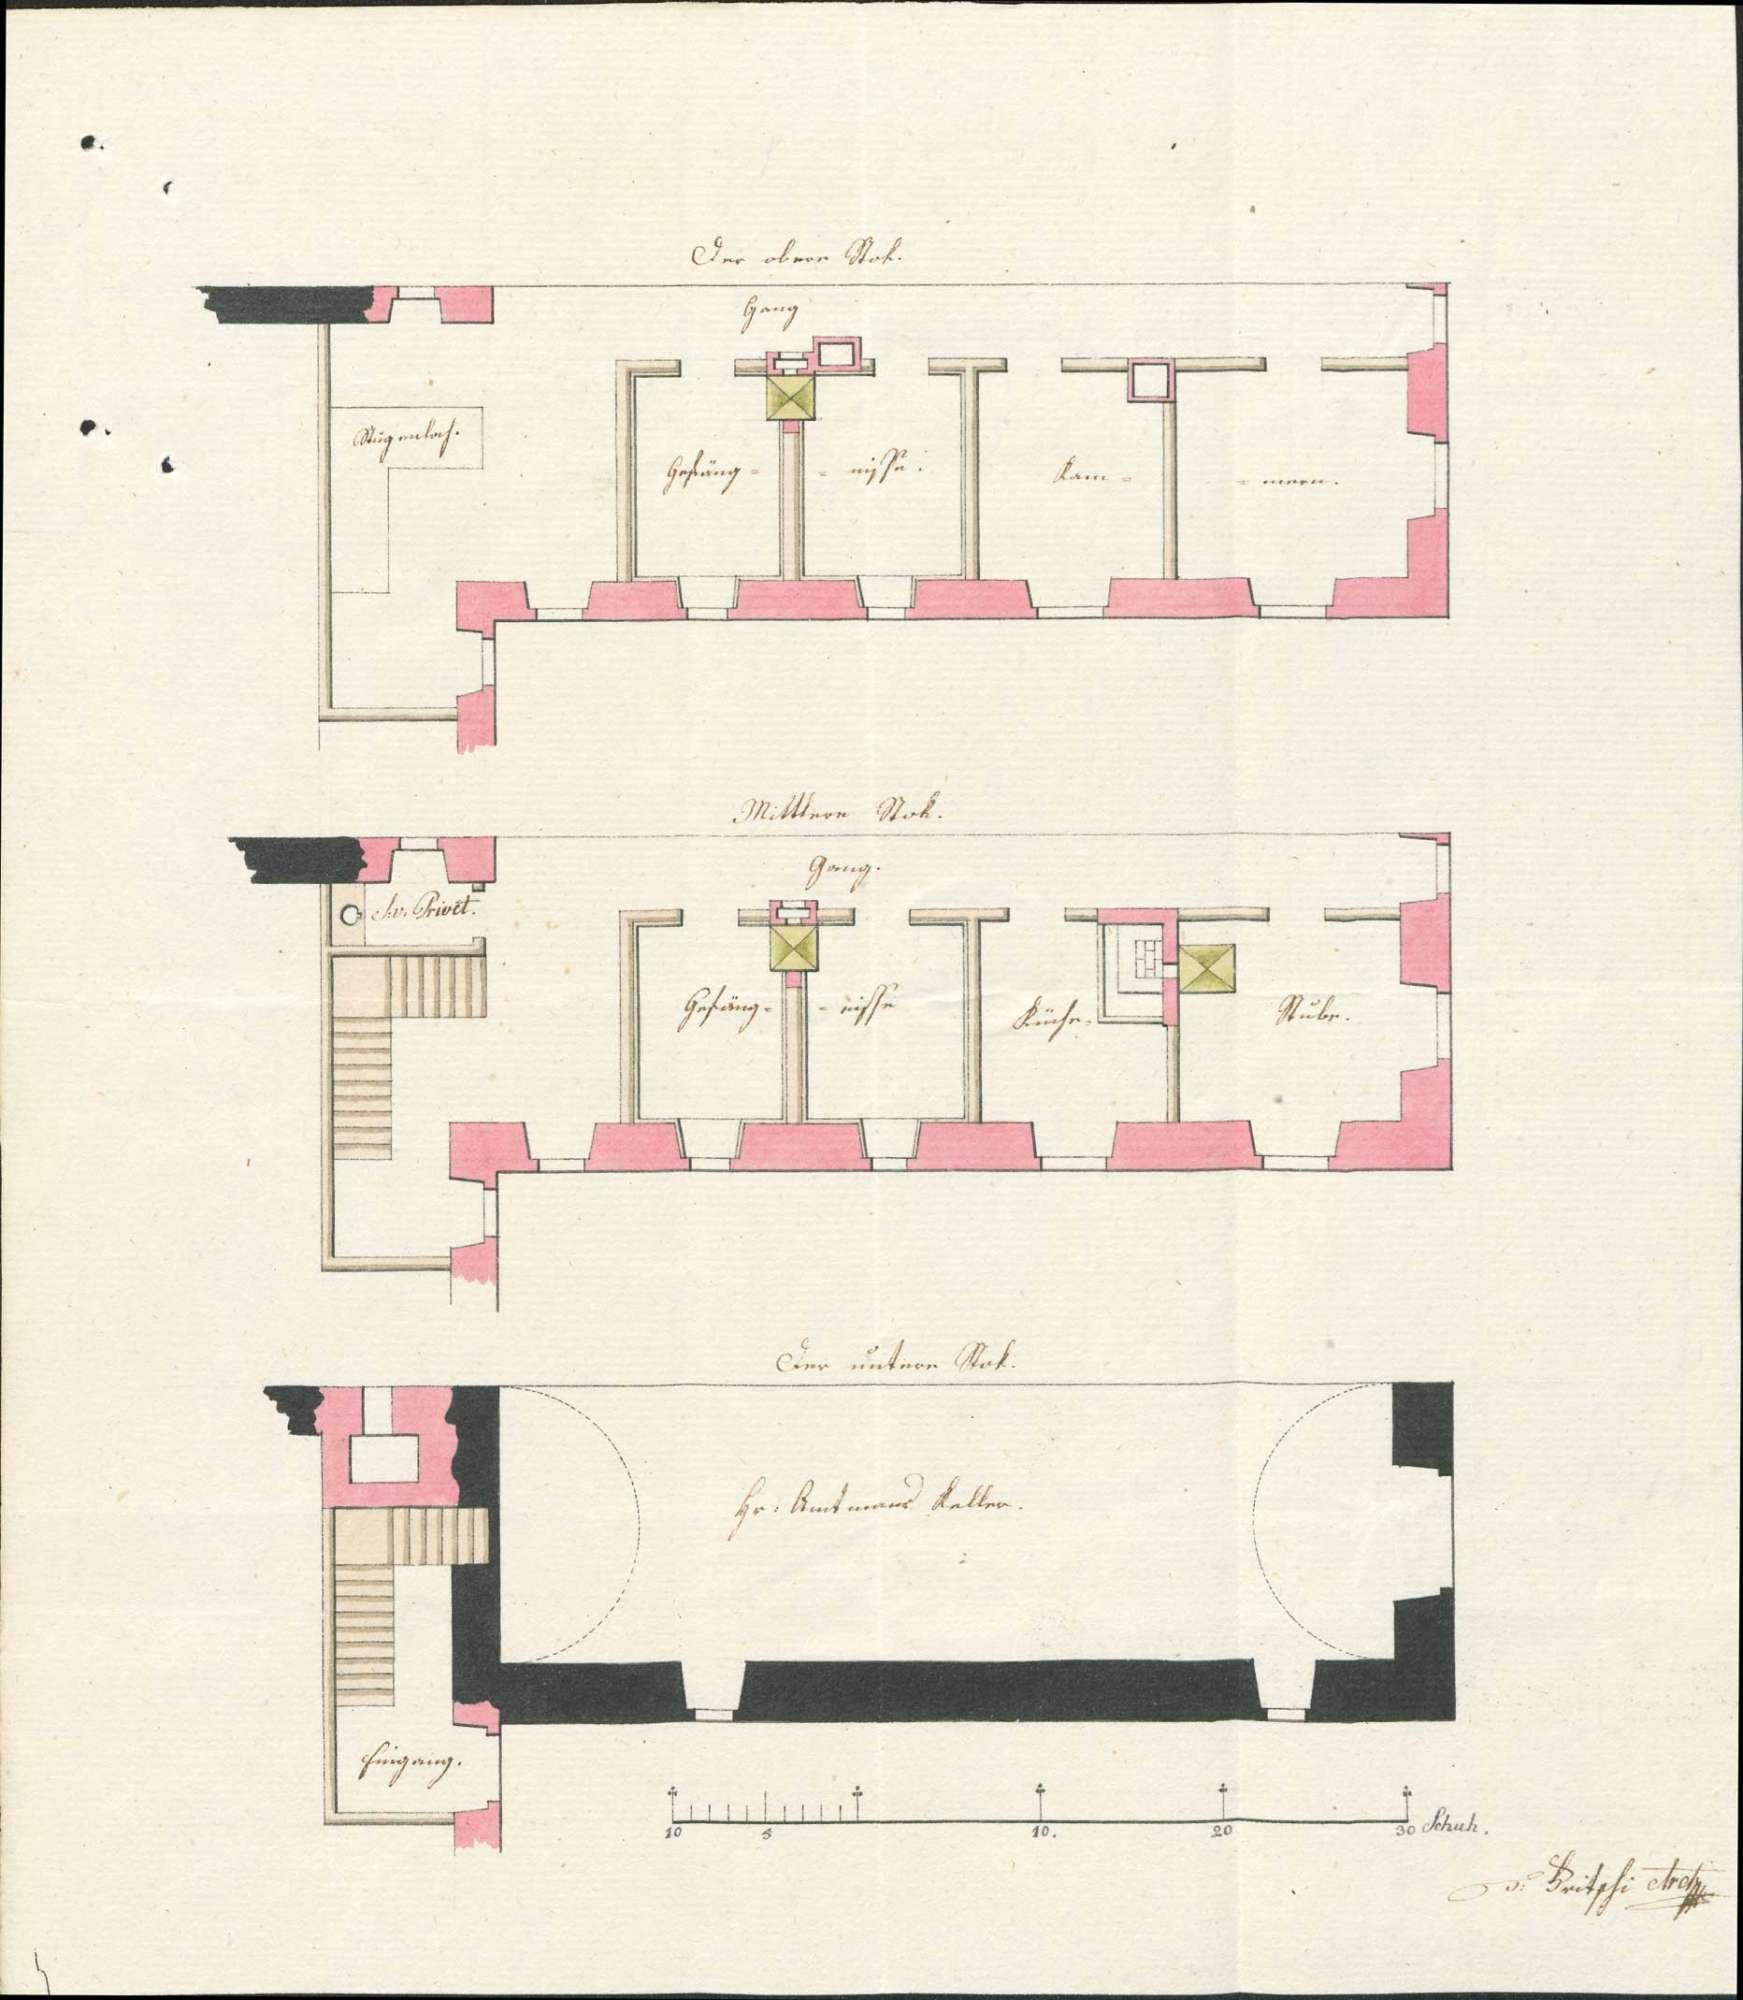 Bausachen; Kriminal- bzw. Amtsgefängnis in Schönau; Band 1, Bild 3